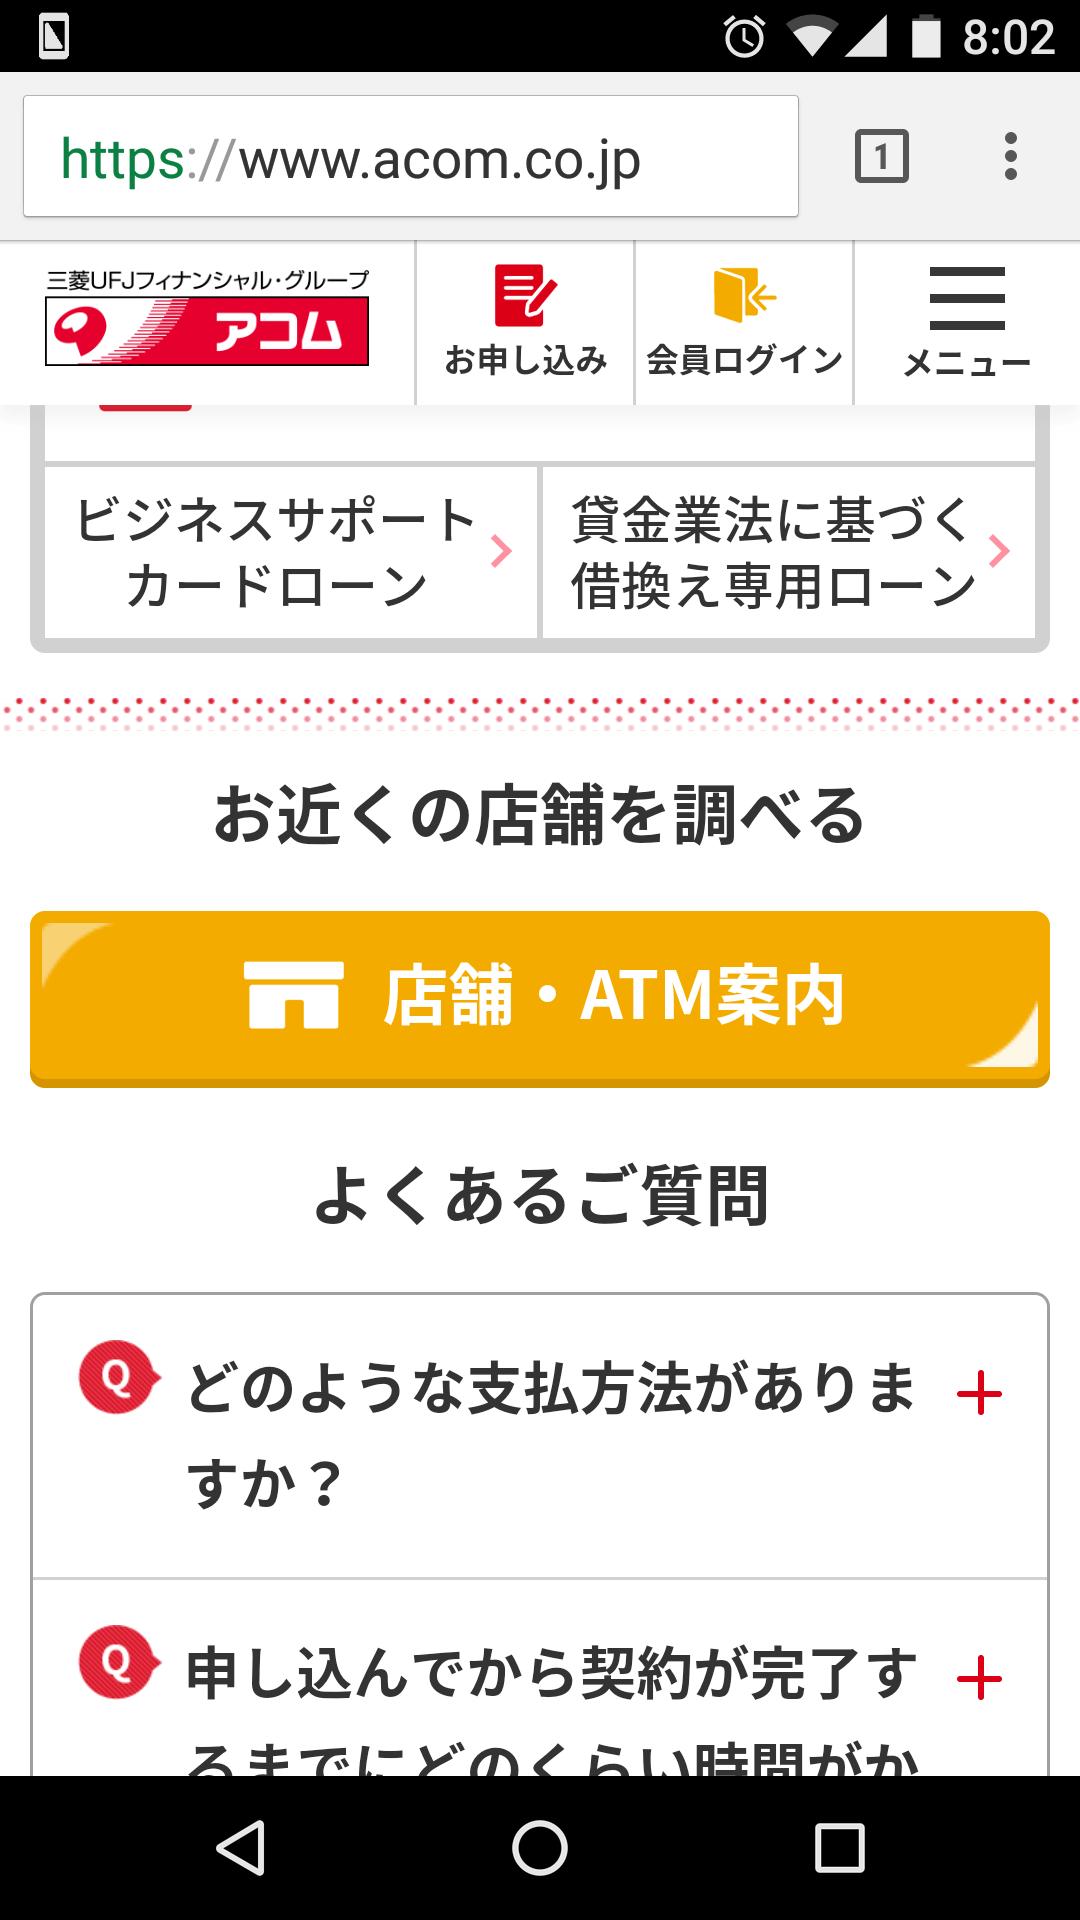 アコムのホームページ